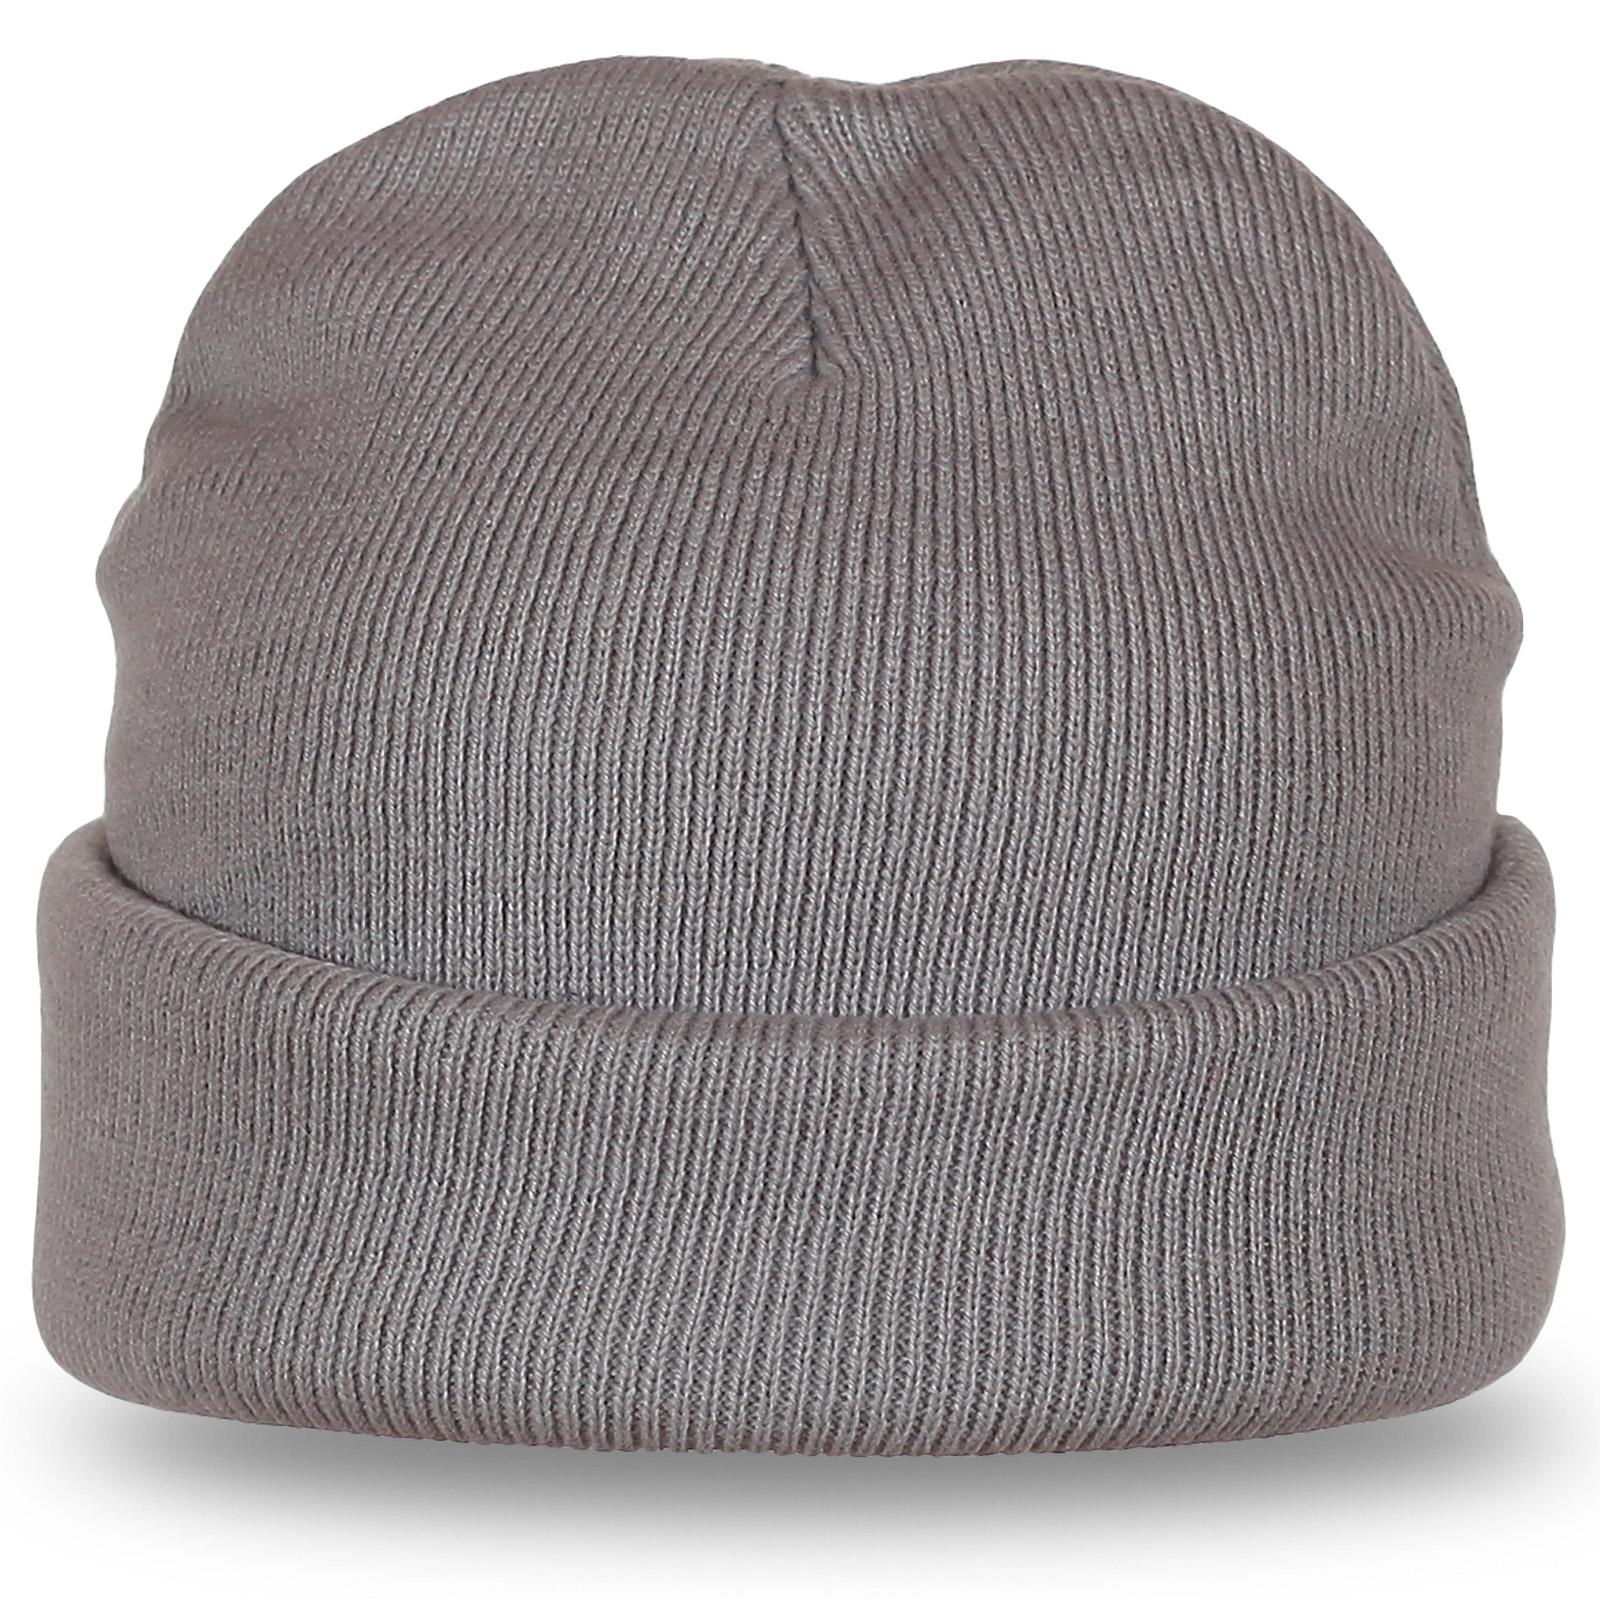 Светлая шапка с подворотом - теплая вязаная модель отличного качества